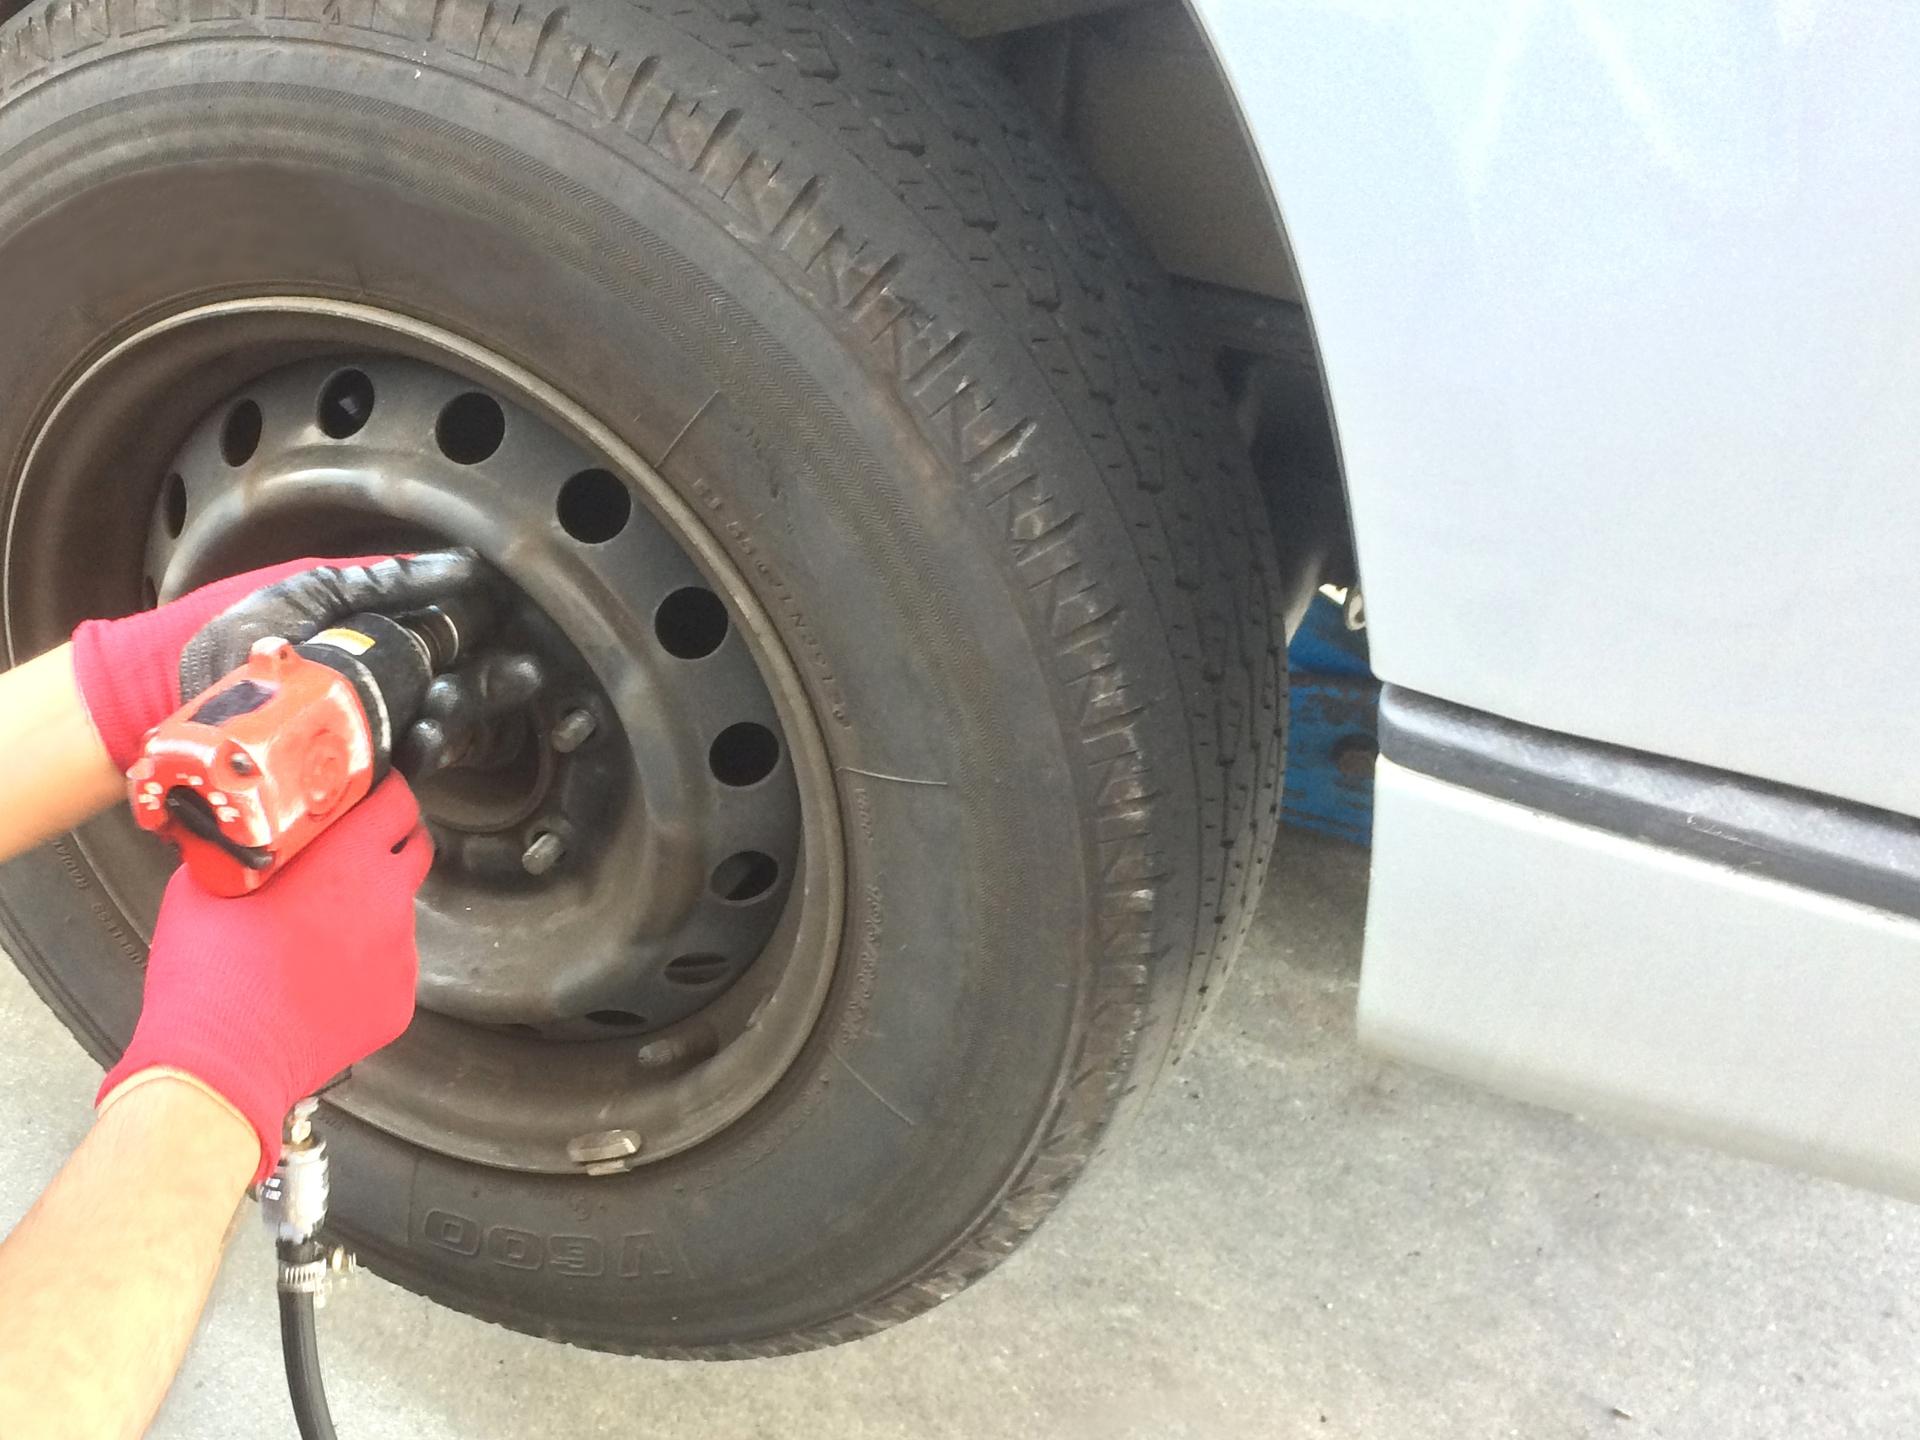 車検の時タイヤがひび割れしていたらどうなる?車検について